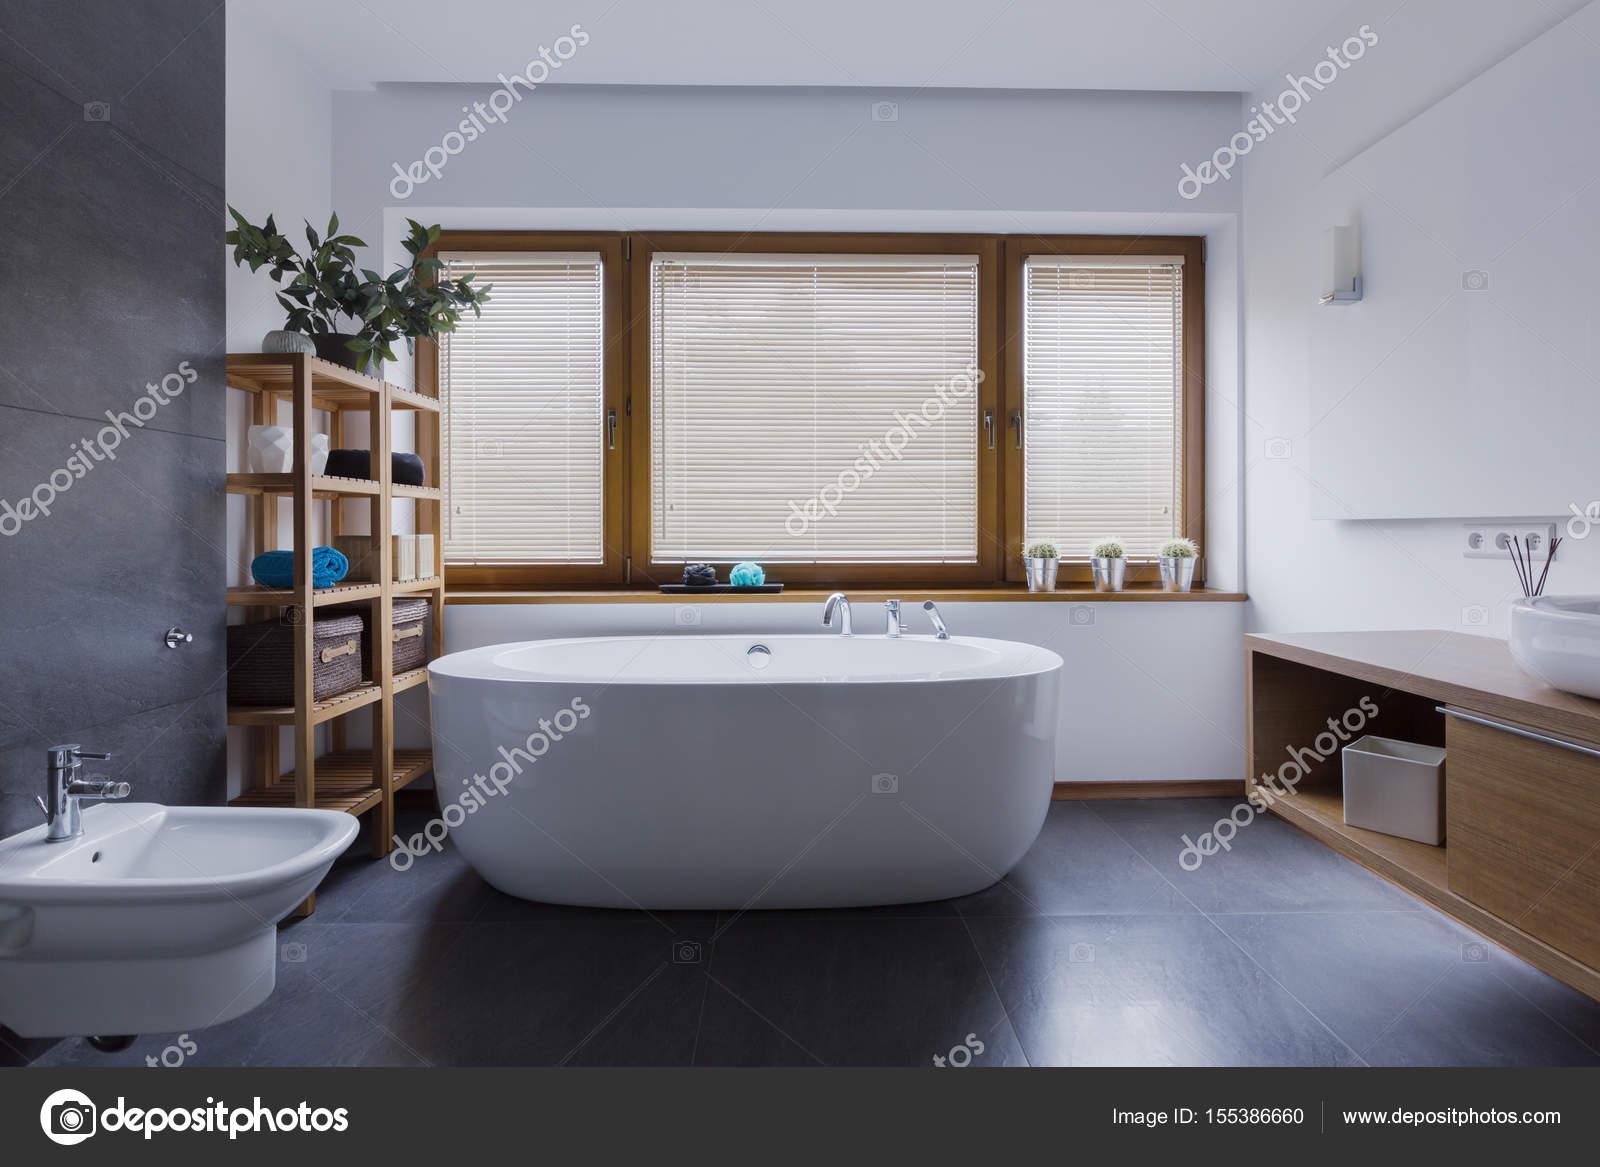 Badkamer Vrijstaand Bad : Badkamer vrijstaand bad modern strakke badkamer met